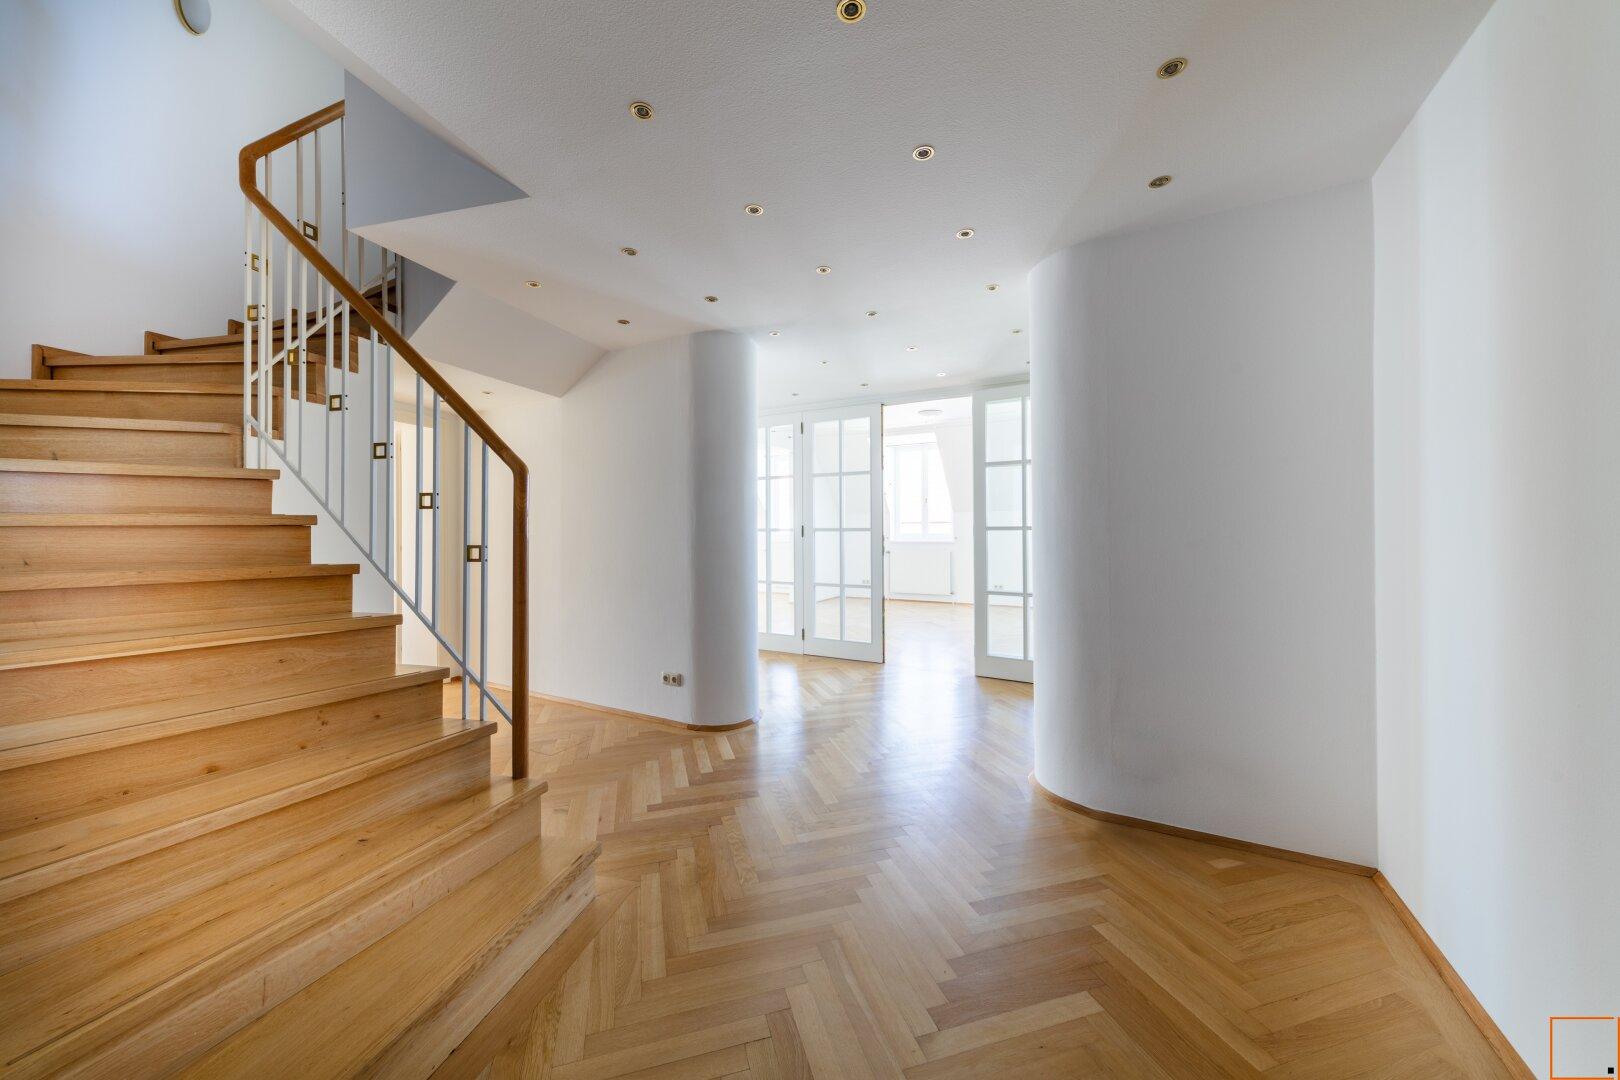 Vorzimmer mit Stiegenaufgang ins Obergeschoß